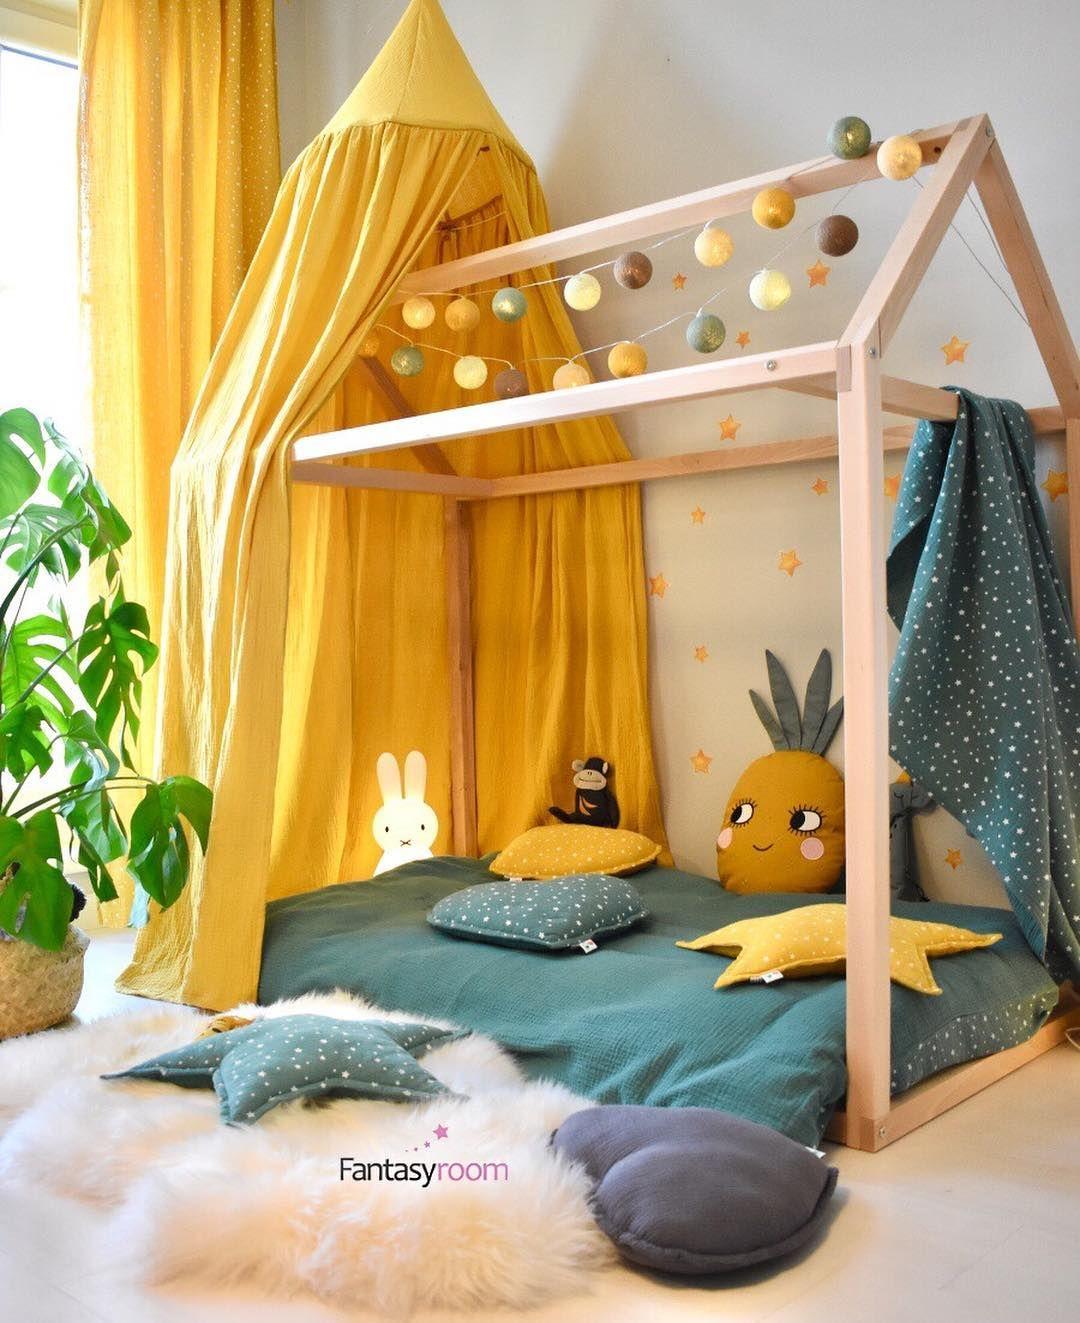 """Fantasyroom auf Instagram: """"Tropisches Flair mit unserem Hausbett! 🌴☀️🌿 Hier haben wir Senfgelb mit Jade kombiniert. Wie gefällt es dir? Heute Abend um 20 Uhr. """""""